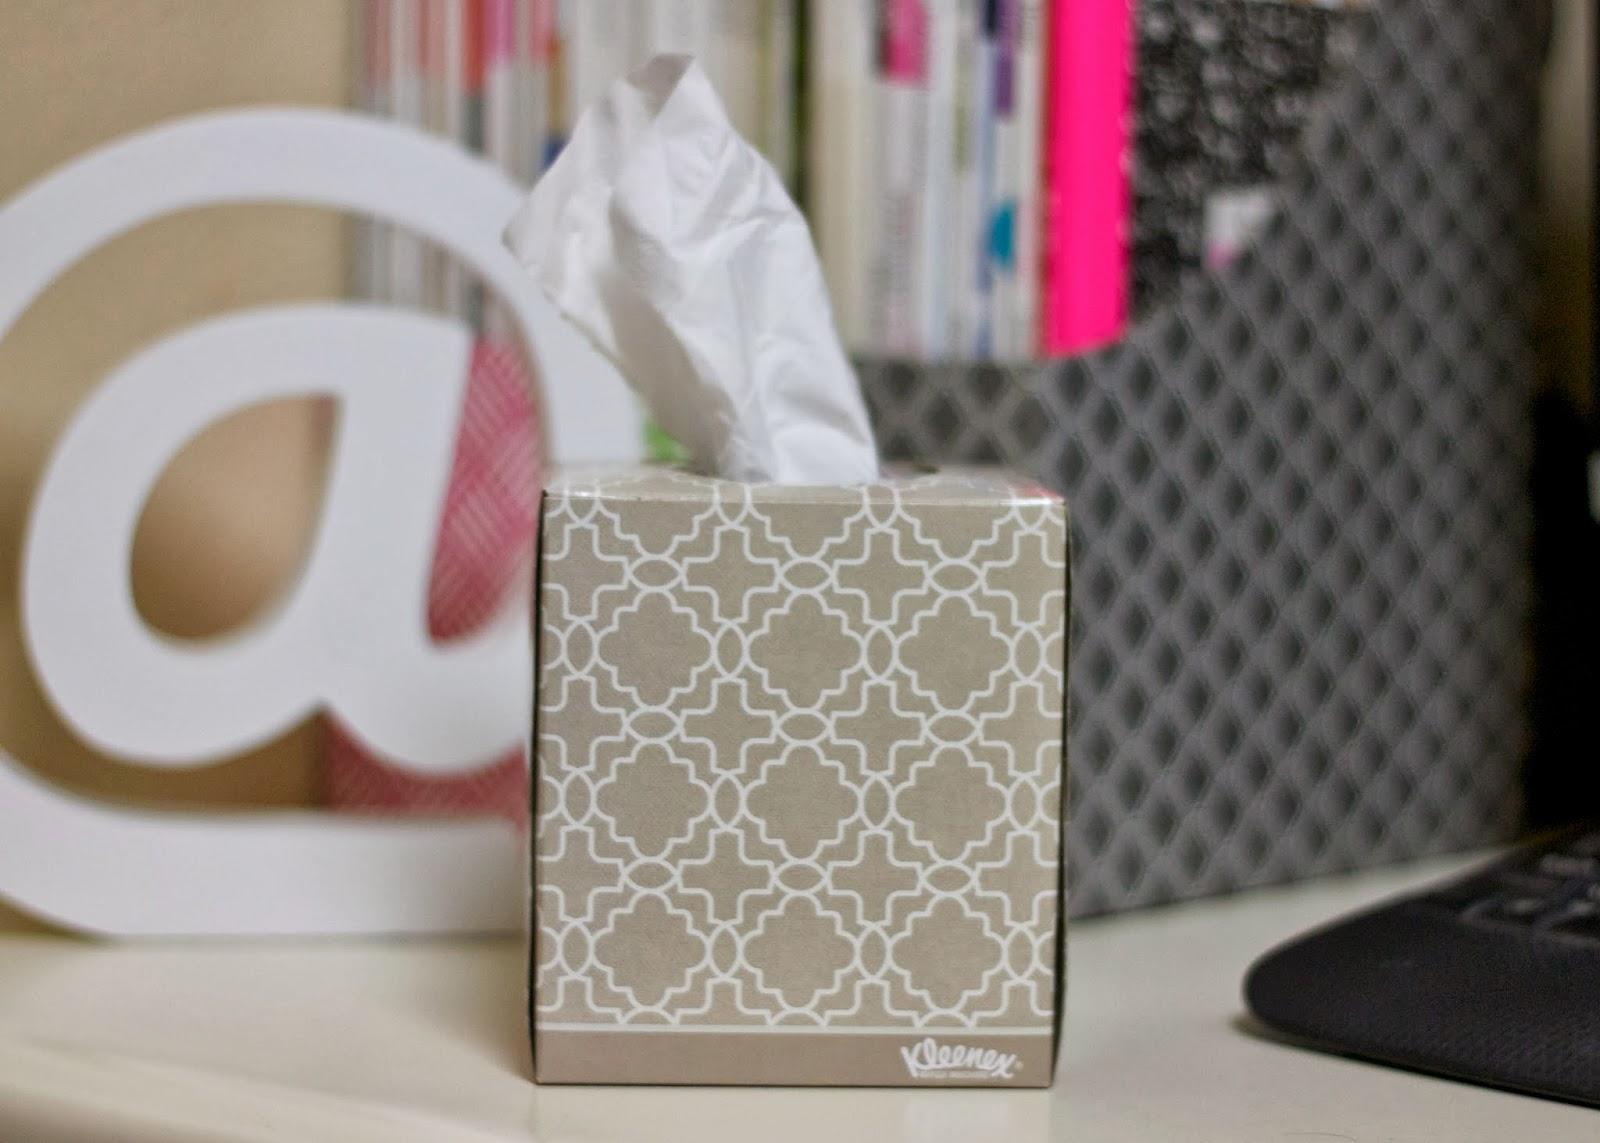 Kleenex to decorate desk area, Kleenex style, Kleenex design, How to design Kleenex box, Kleenex style studio, What is Kleenex style, Find your style, Tissue style, Style tissue, Decorative tissue box, Decorative tissue